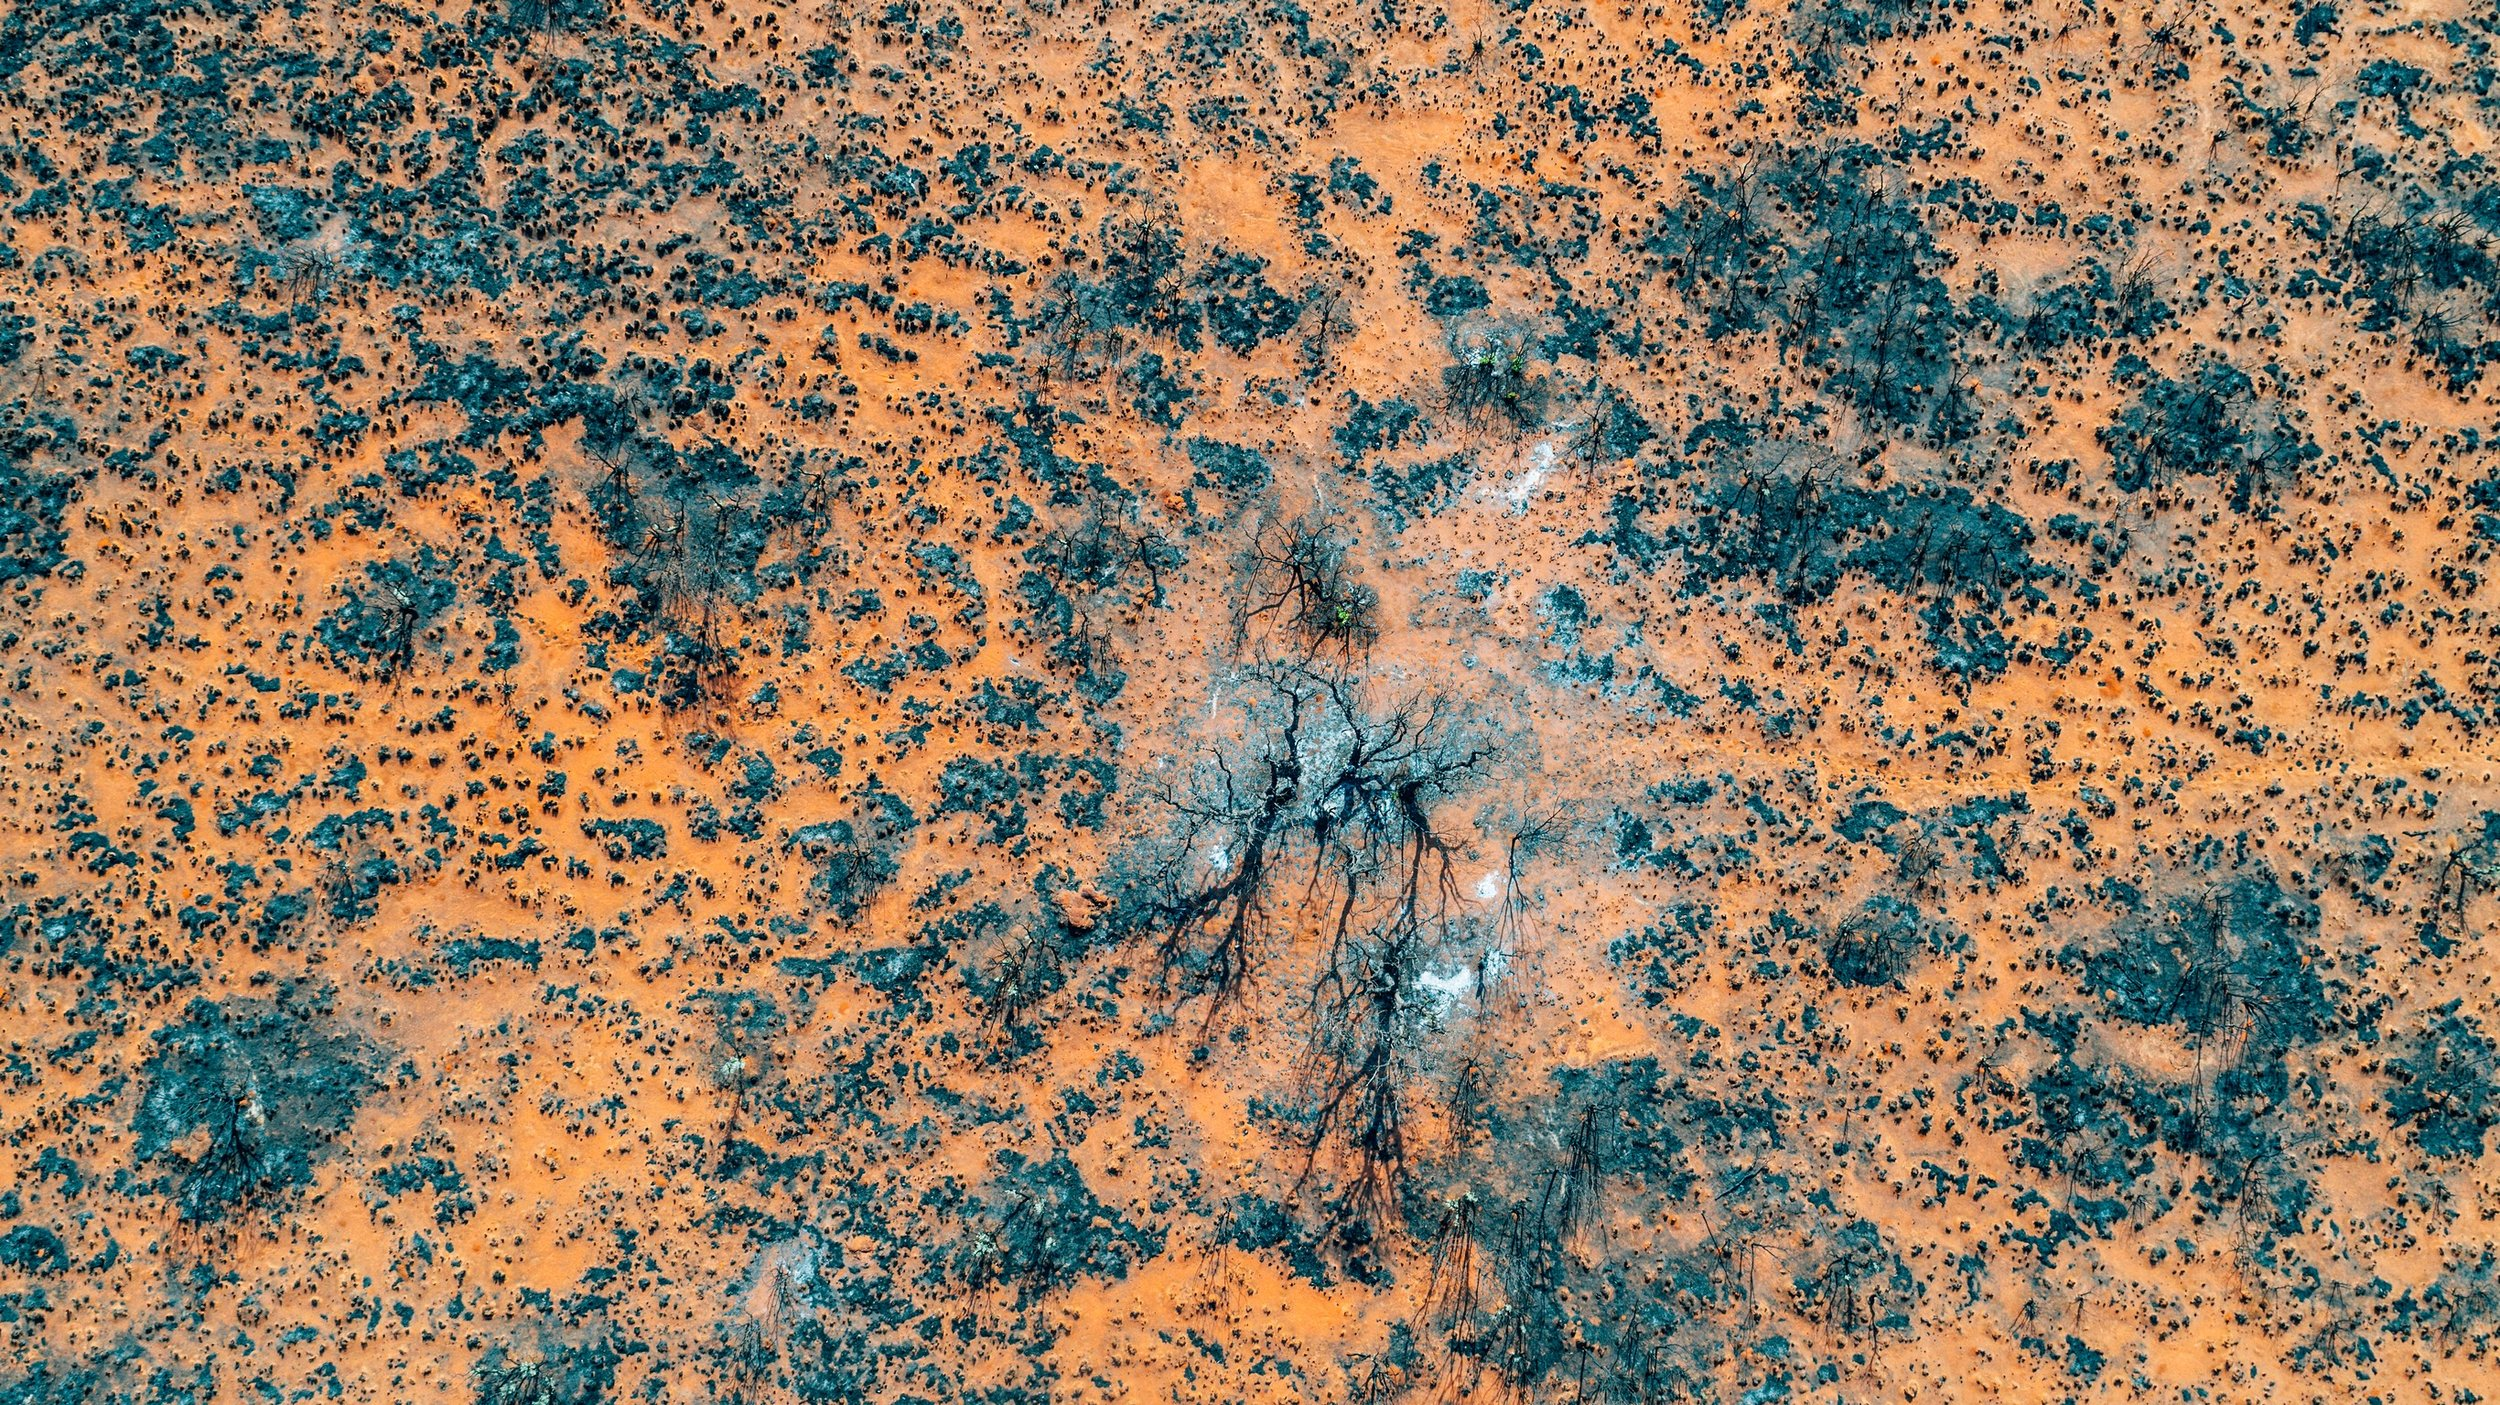 BROOME 4 - WESTERN AUSTRALIA - ELLIOT HUNT